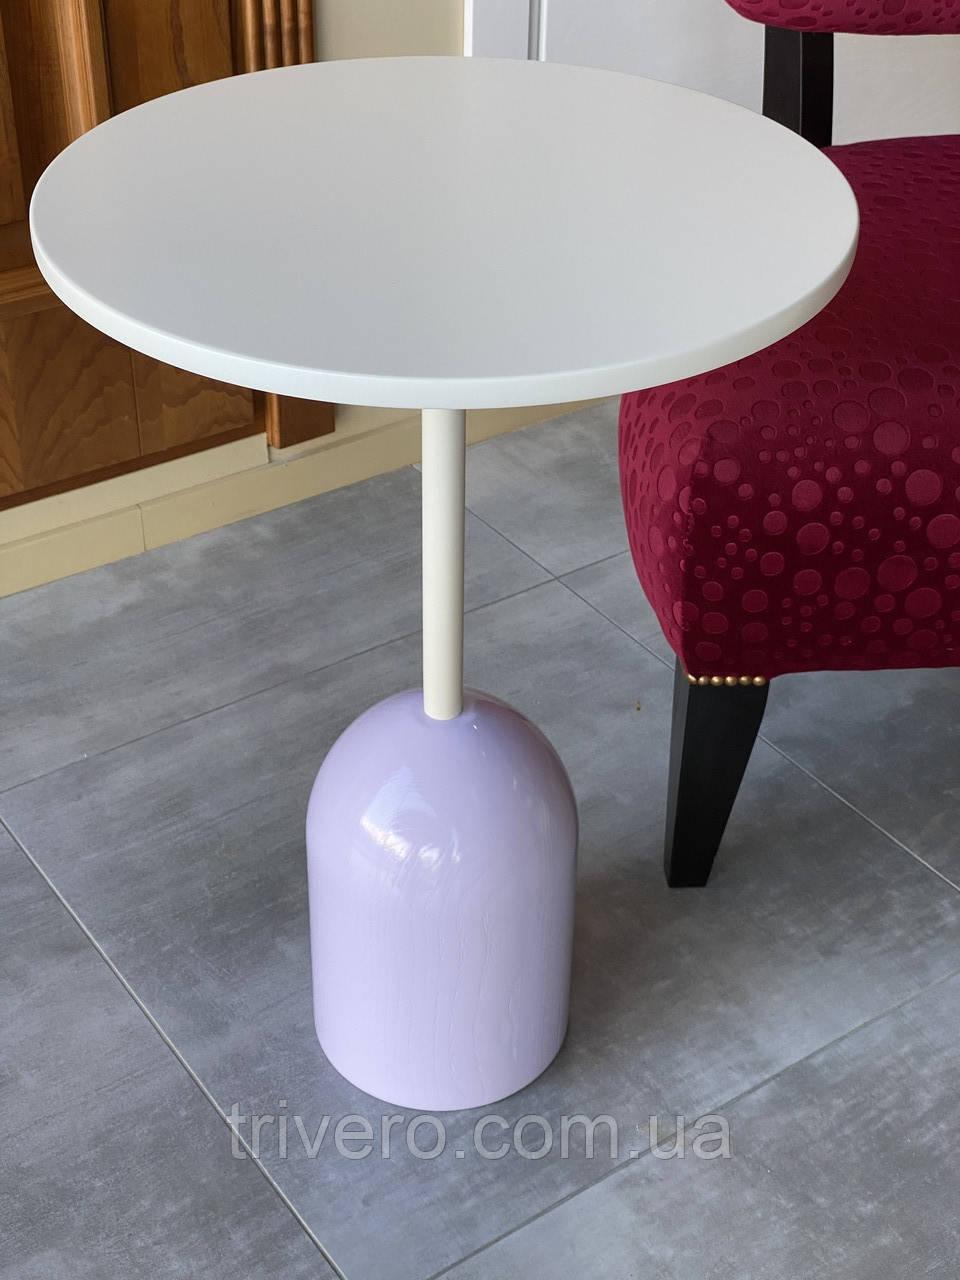 Маленький кавовий столик на одній опорі